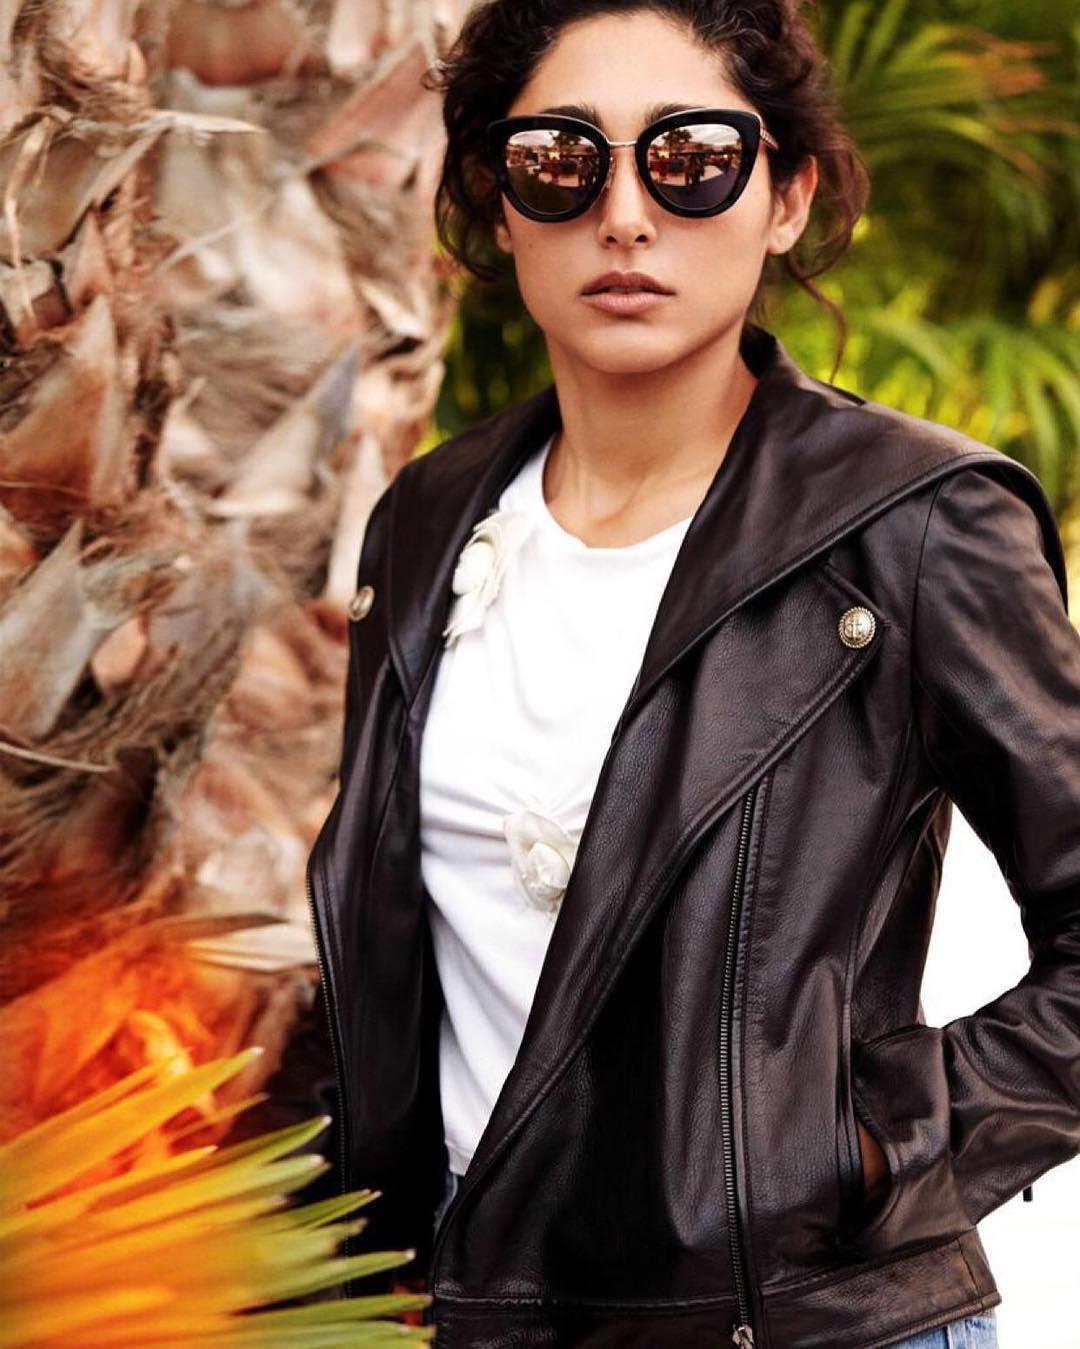 Golshifteh Farahani Photos - HD Actress Photo